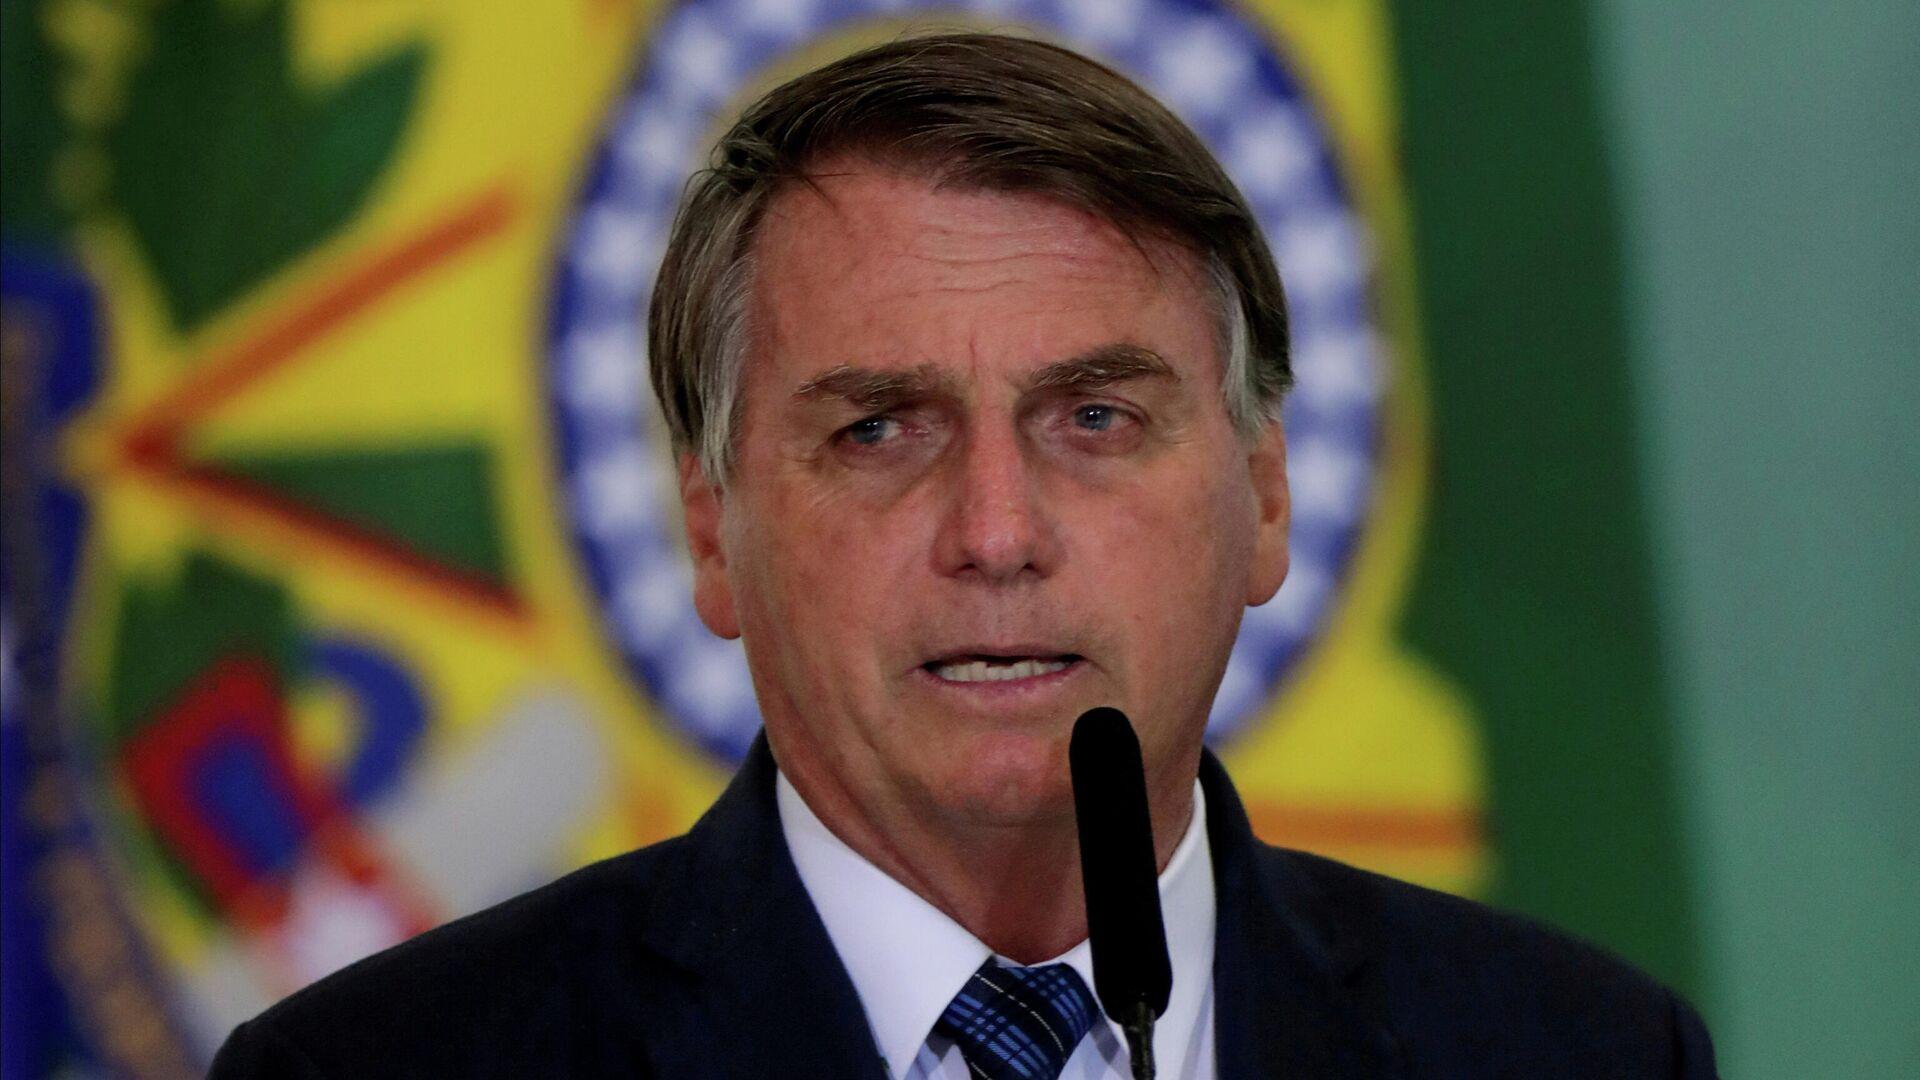 Jair Bolsonaro, el presidente de Brasil - Sputnik Mundo, 1920, 12.04.2021